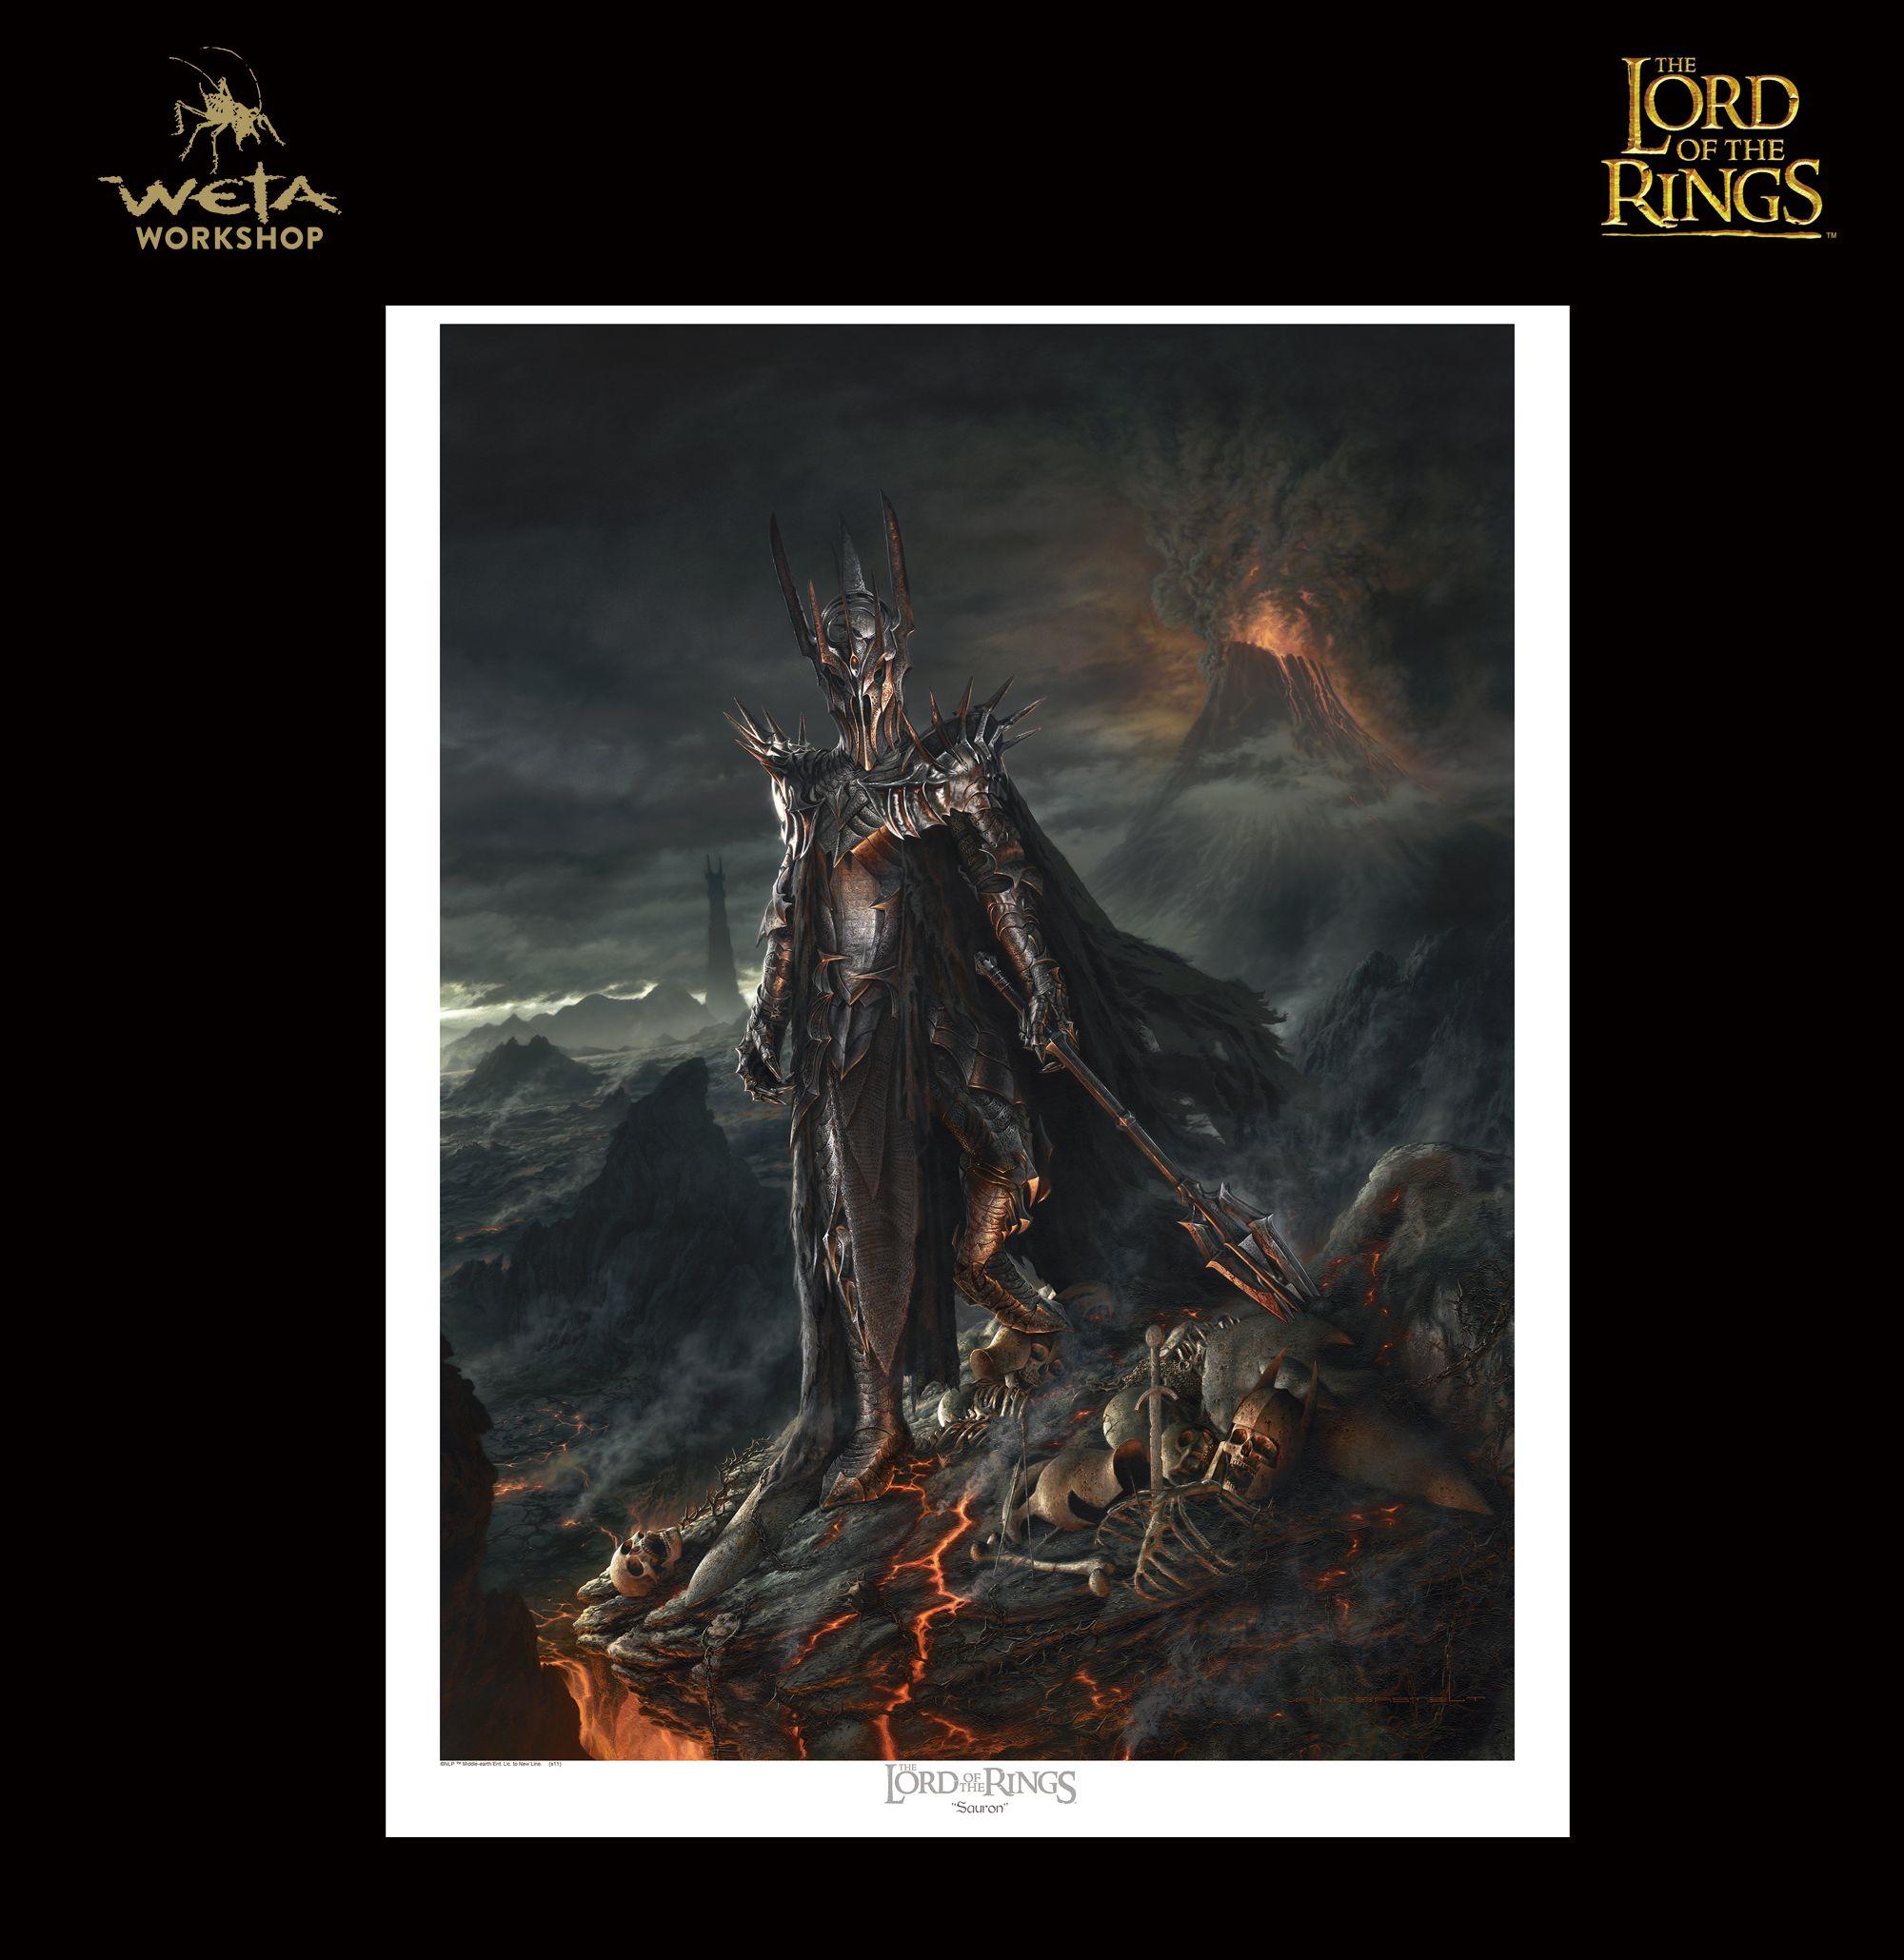 ロード オブ ザ リング サウロン プリント The Lord Of The Rings : Jerry Vanderstelt - Sauron - Lord of the Rings Paper Giclee Print